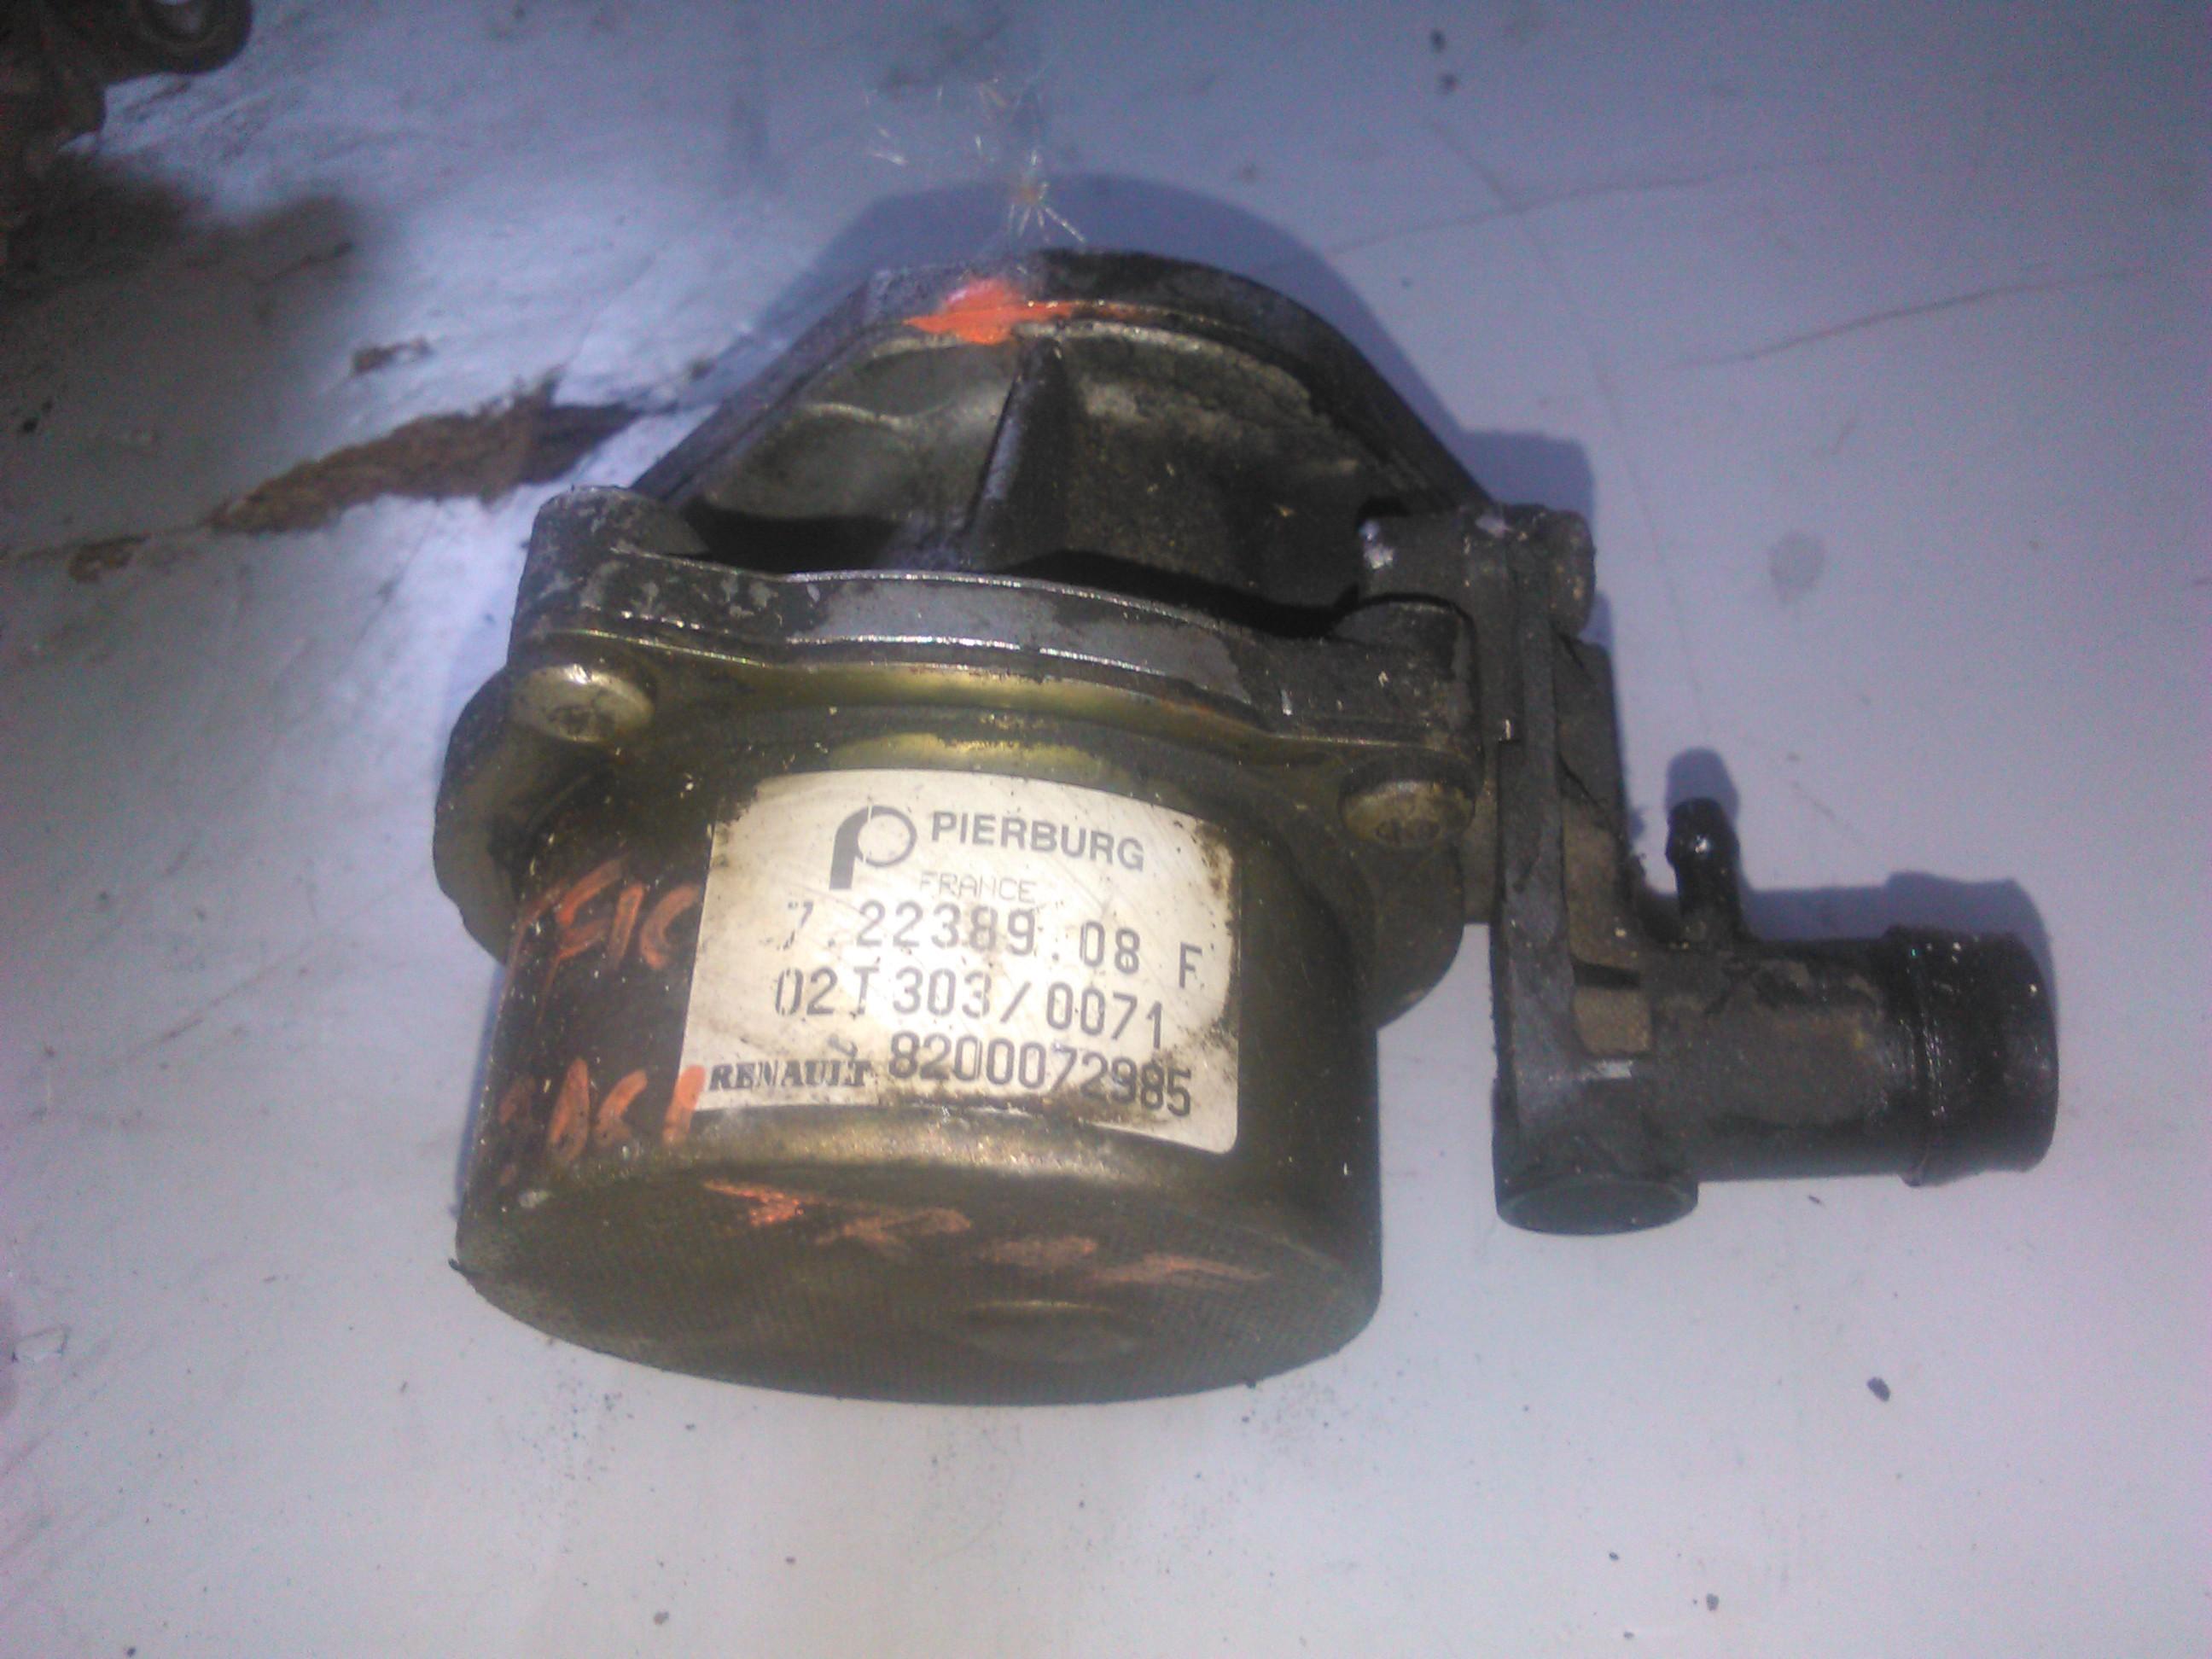 Pompa vacuum Renault Trafic 1.9dci cod 8200072985